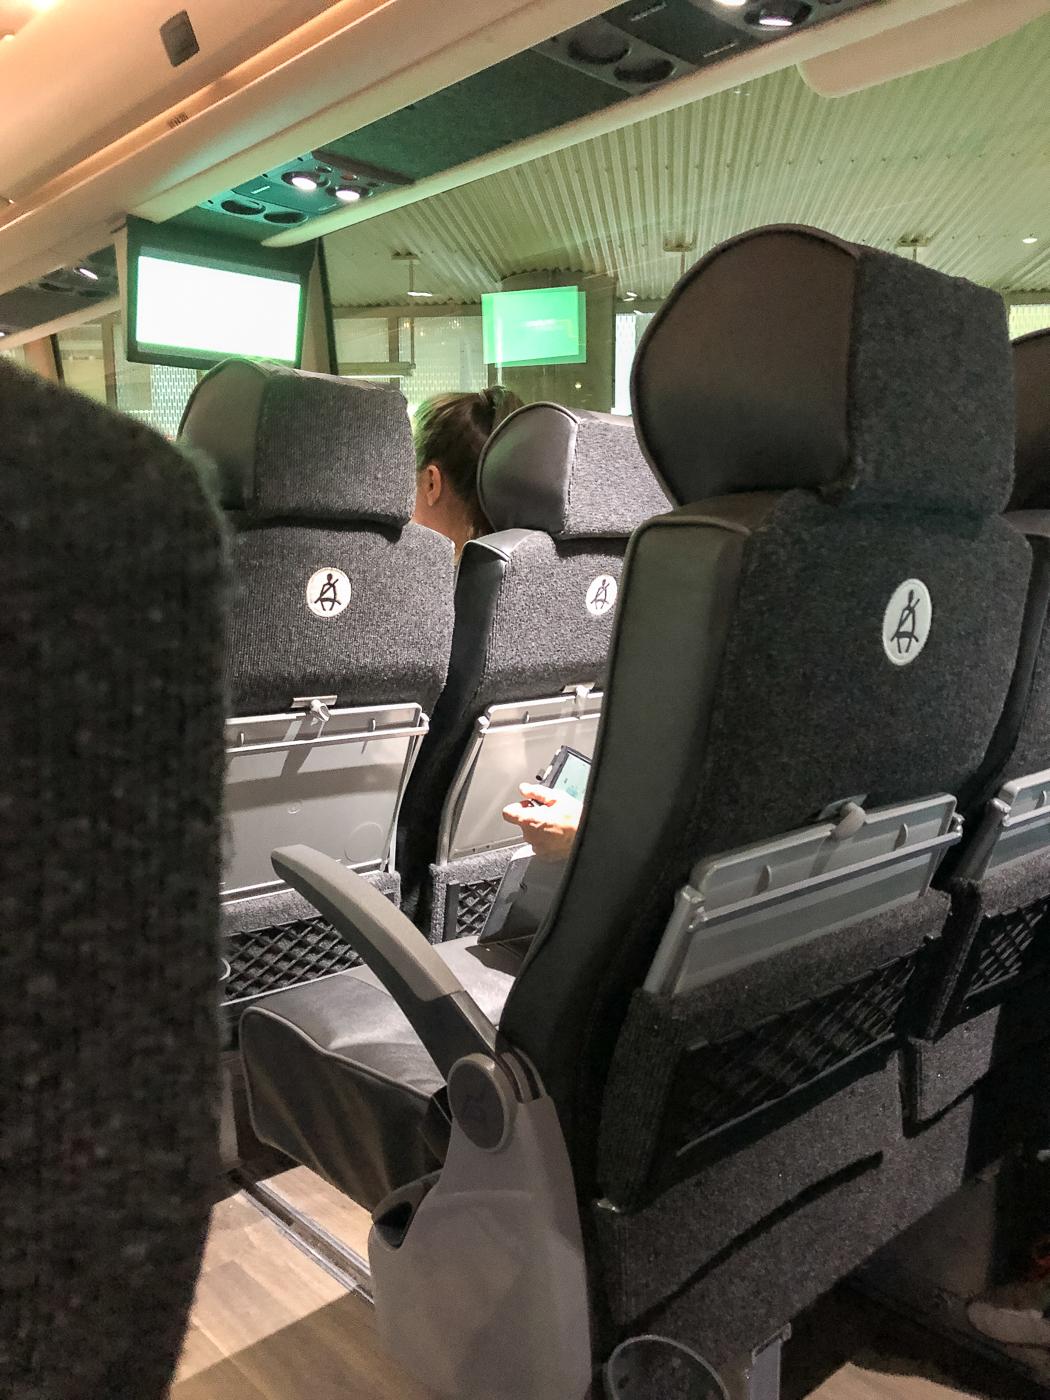 Intérieur de l'autobus voyageur Busbud